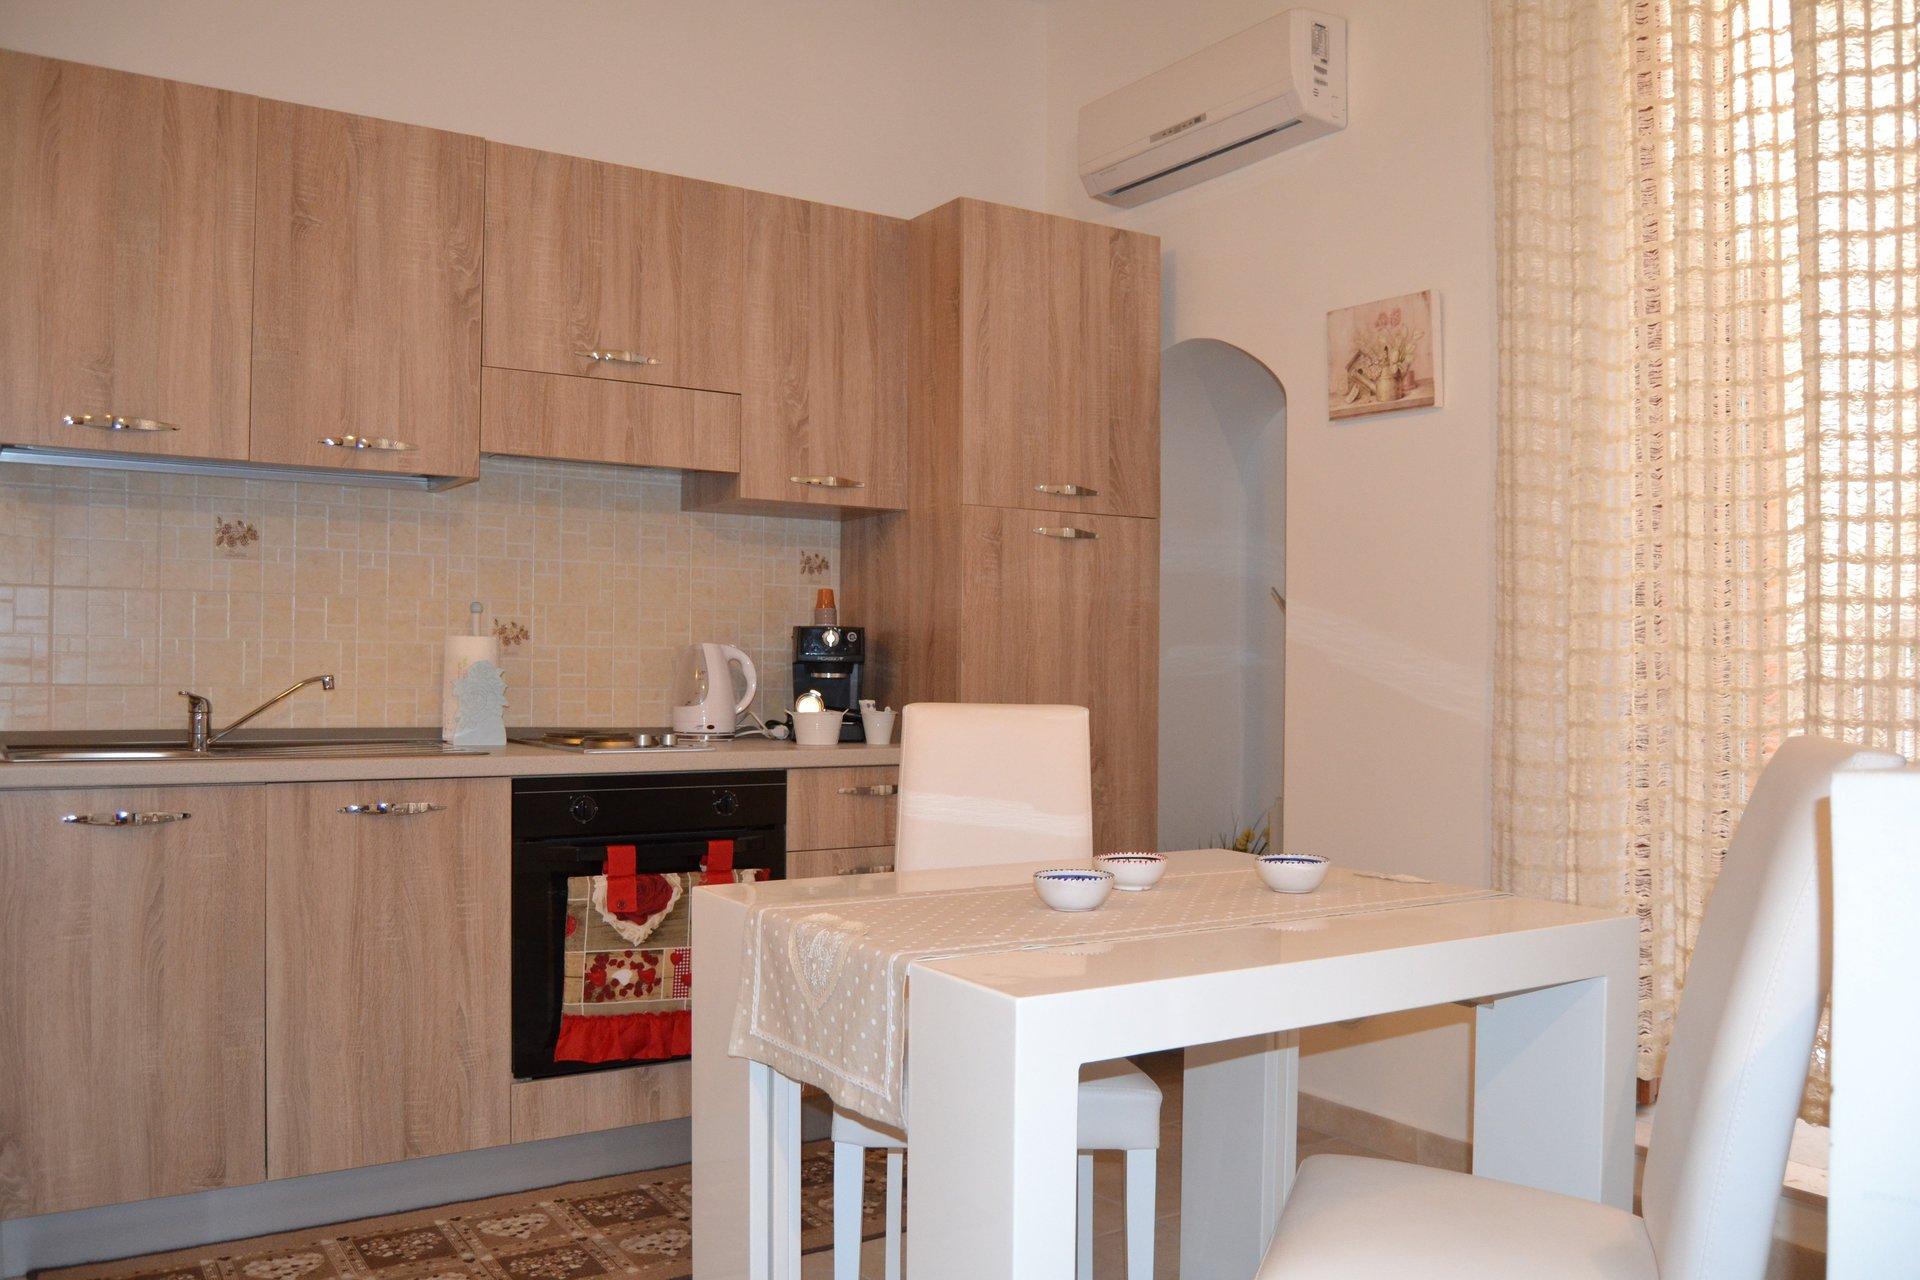 una cucina con mobili marroni e un tavolo bianco